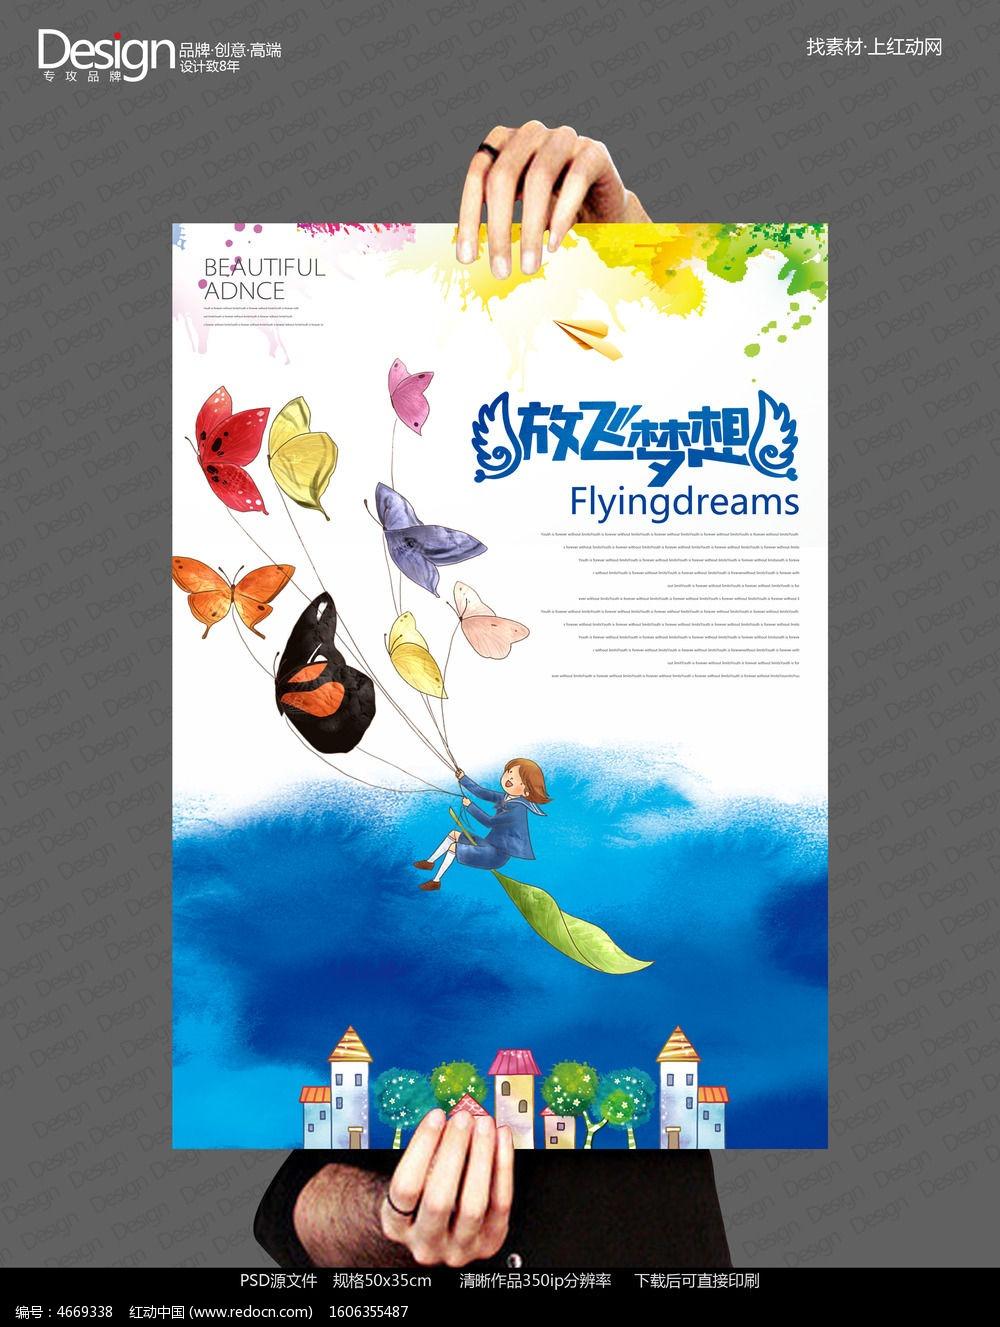 卡通创意放飞梦想手绘海报设计图片